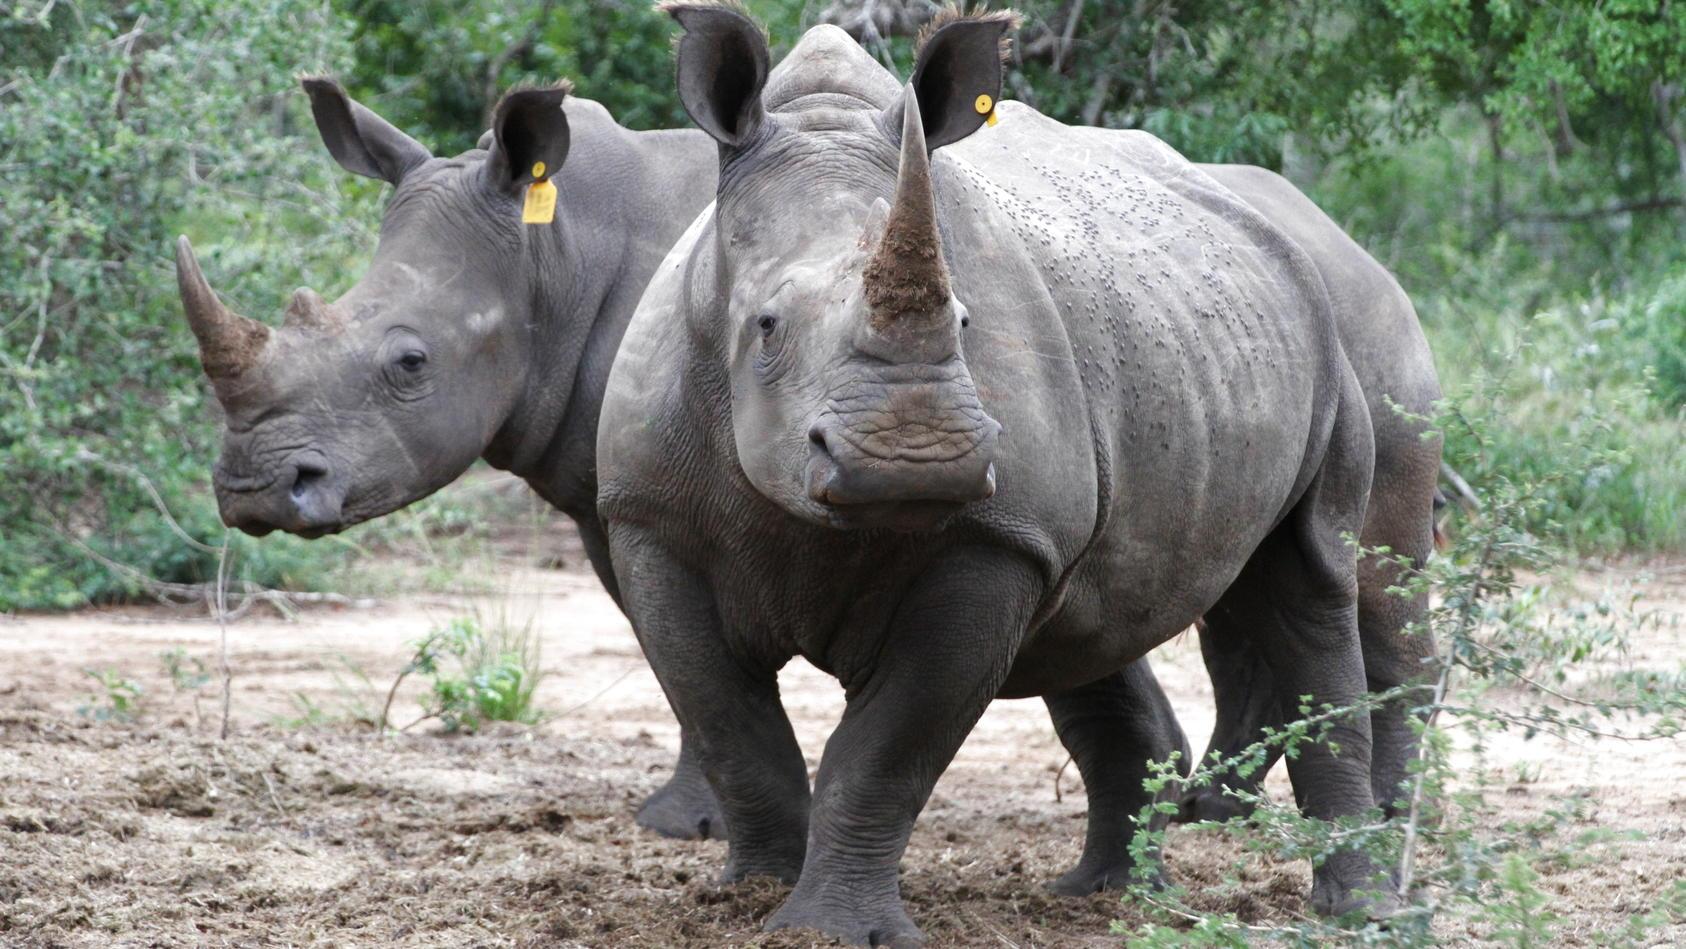 Nashörner in Südafrika - einige von ihnen haben jetzt radioaktive Hörner. (Symbolbild)